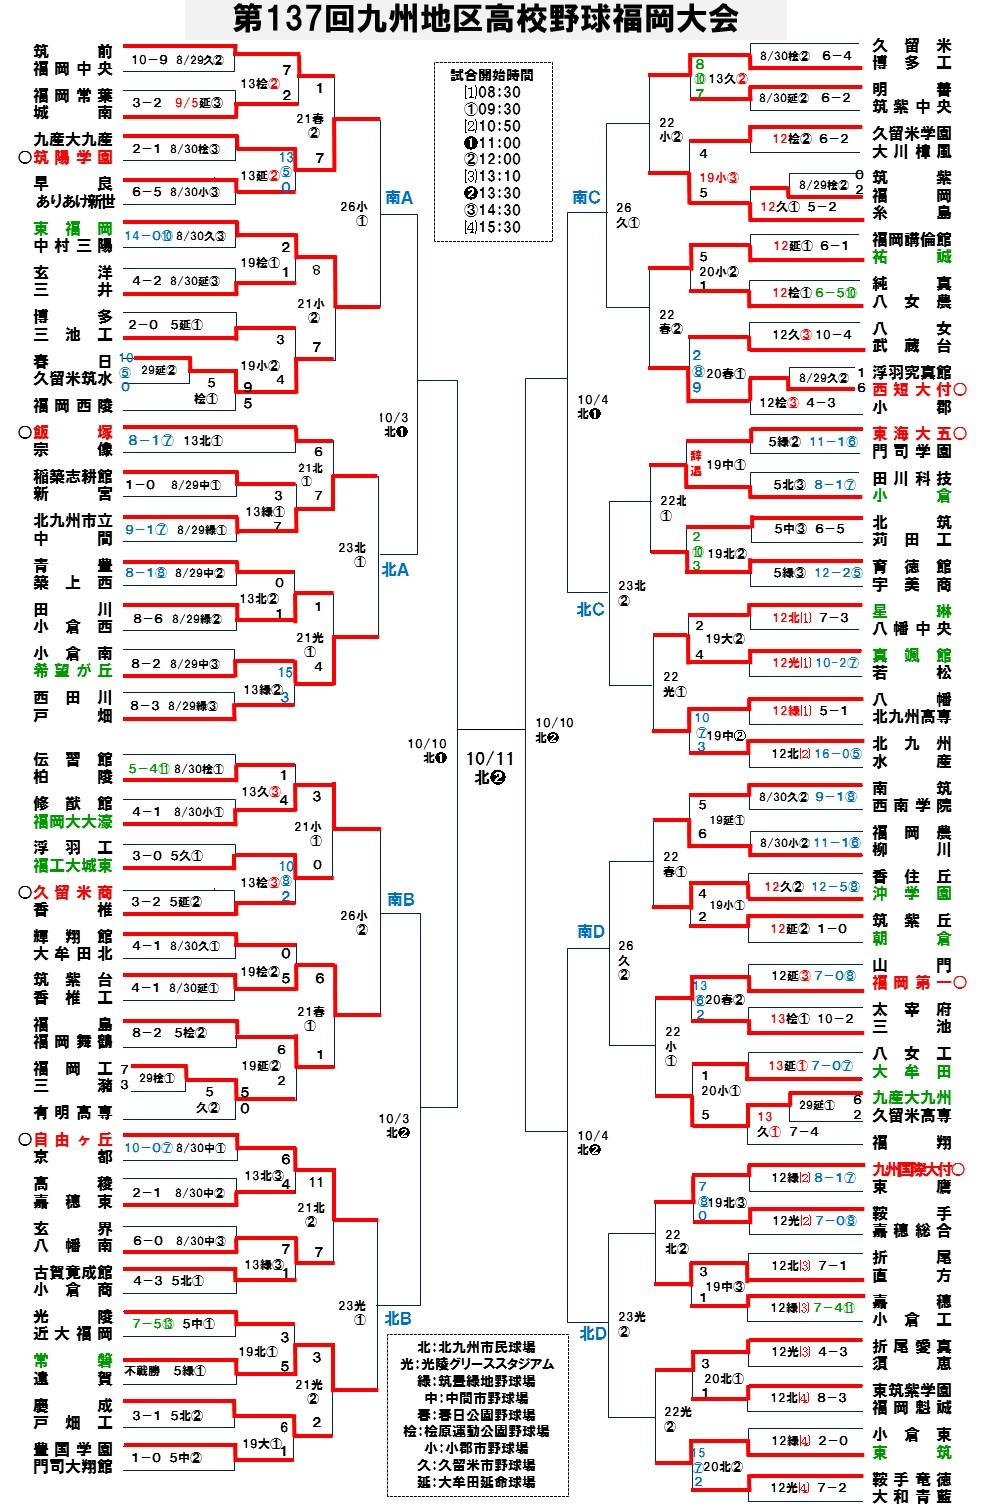 2015秋季福岡大会21-2